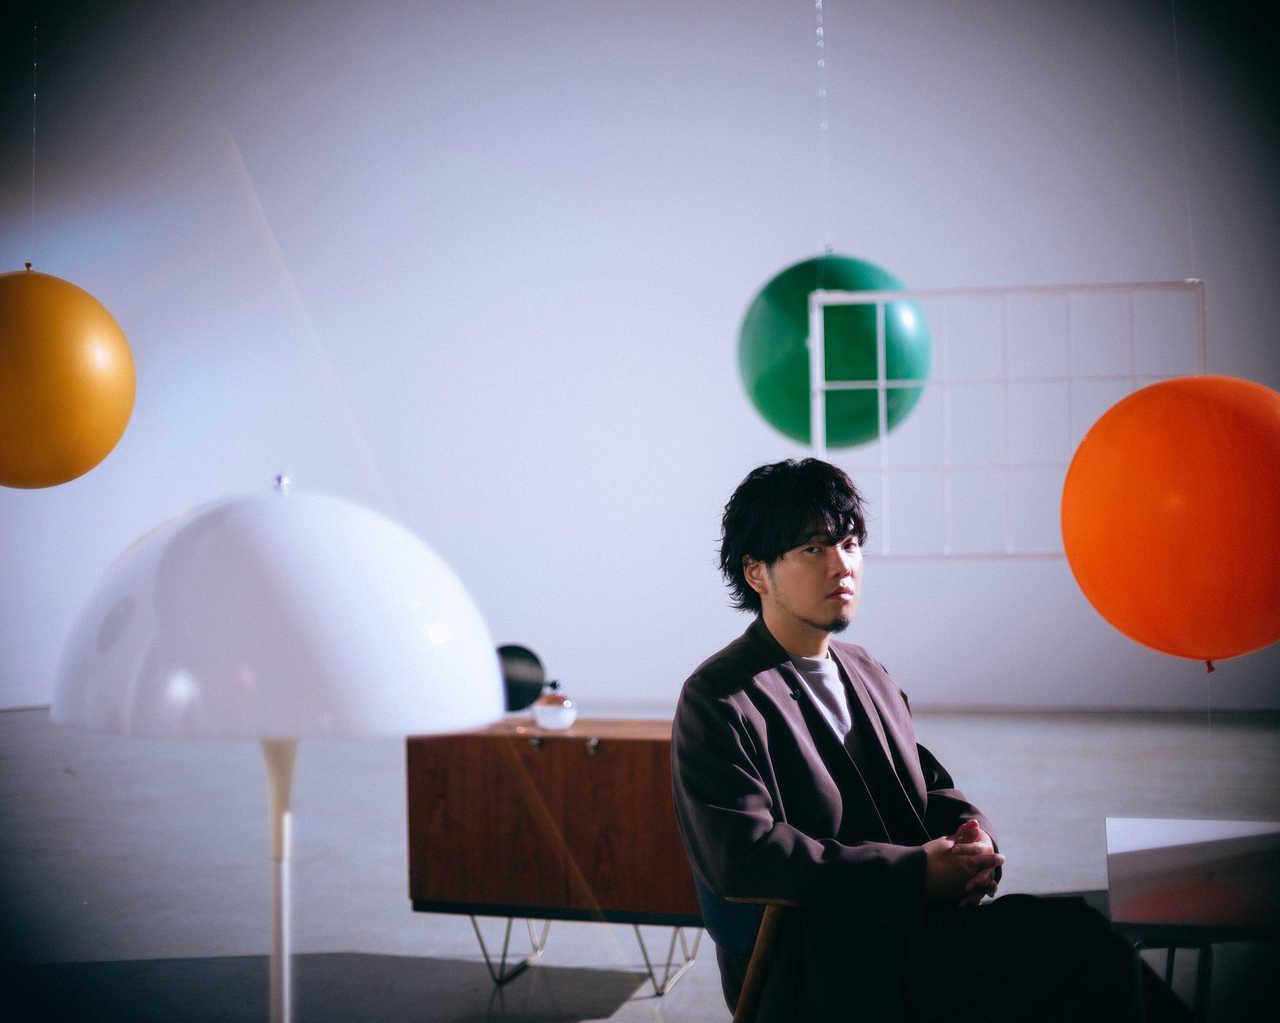 秦 基博、横浜にて無観客配信ライブの開催を発表!8月27 日20:00に配信決定!